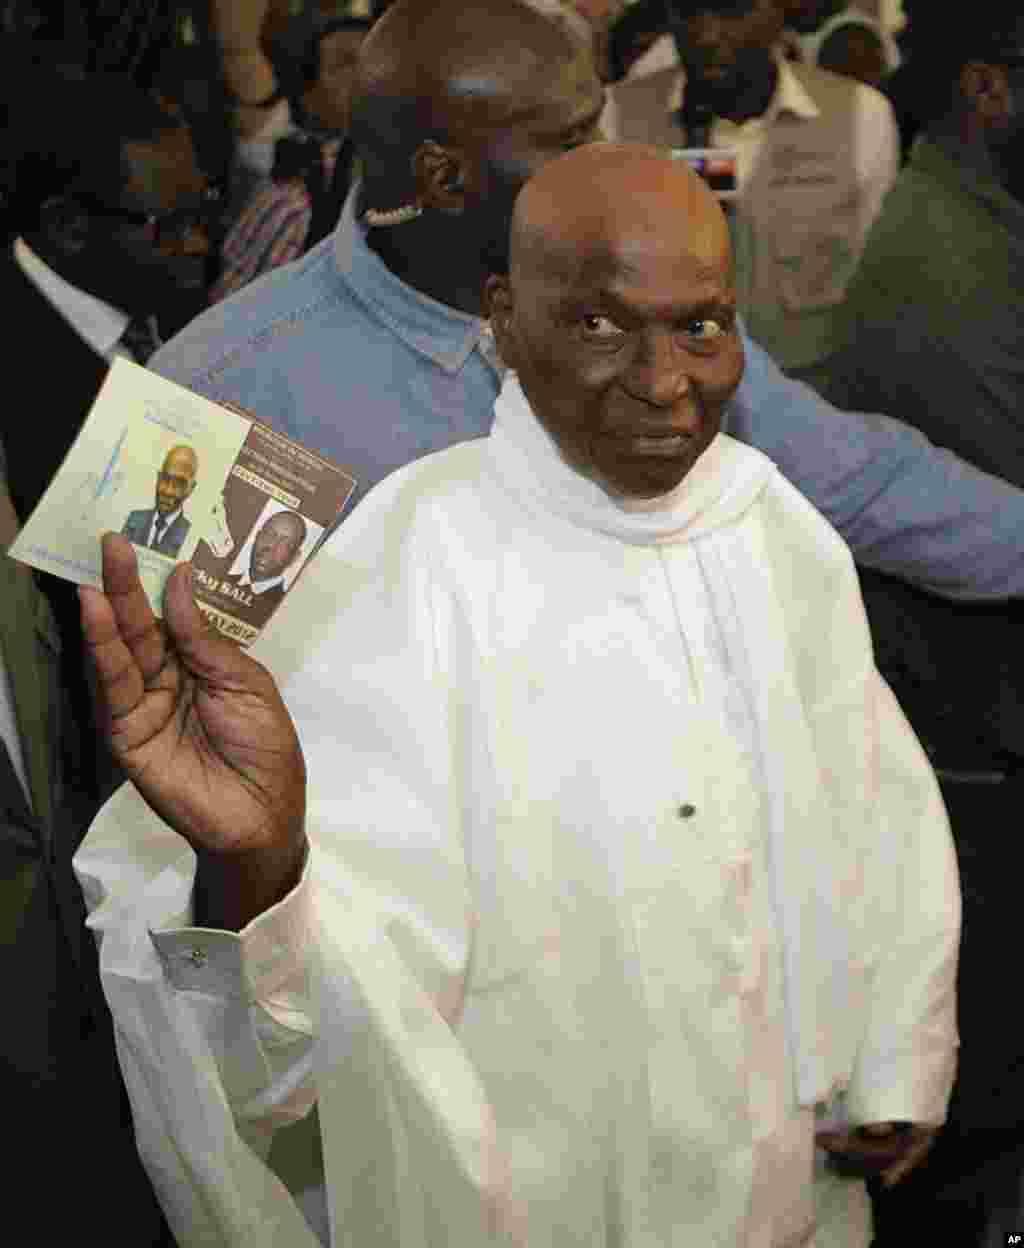 Le président Abdoulaye Wade présentant un bulletin de vote avant de voter au bureau de vote du quartier Point E, à Dakar (AP)